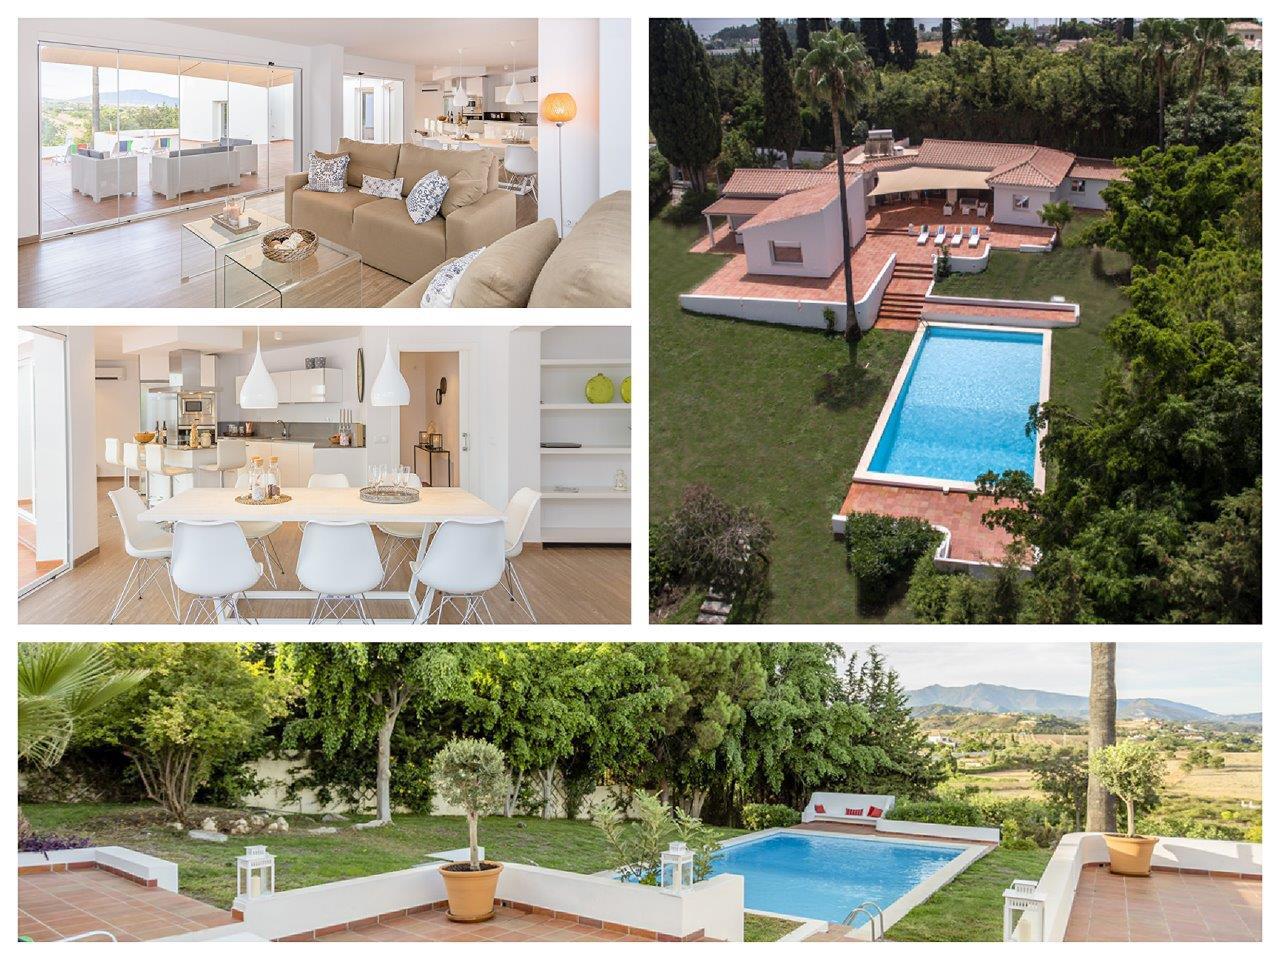 Villa in Estepona for sale El Padron Cortijo de Reinoso